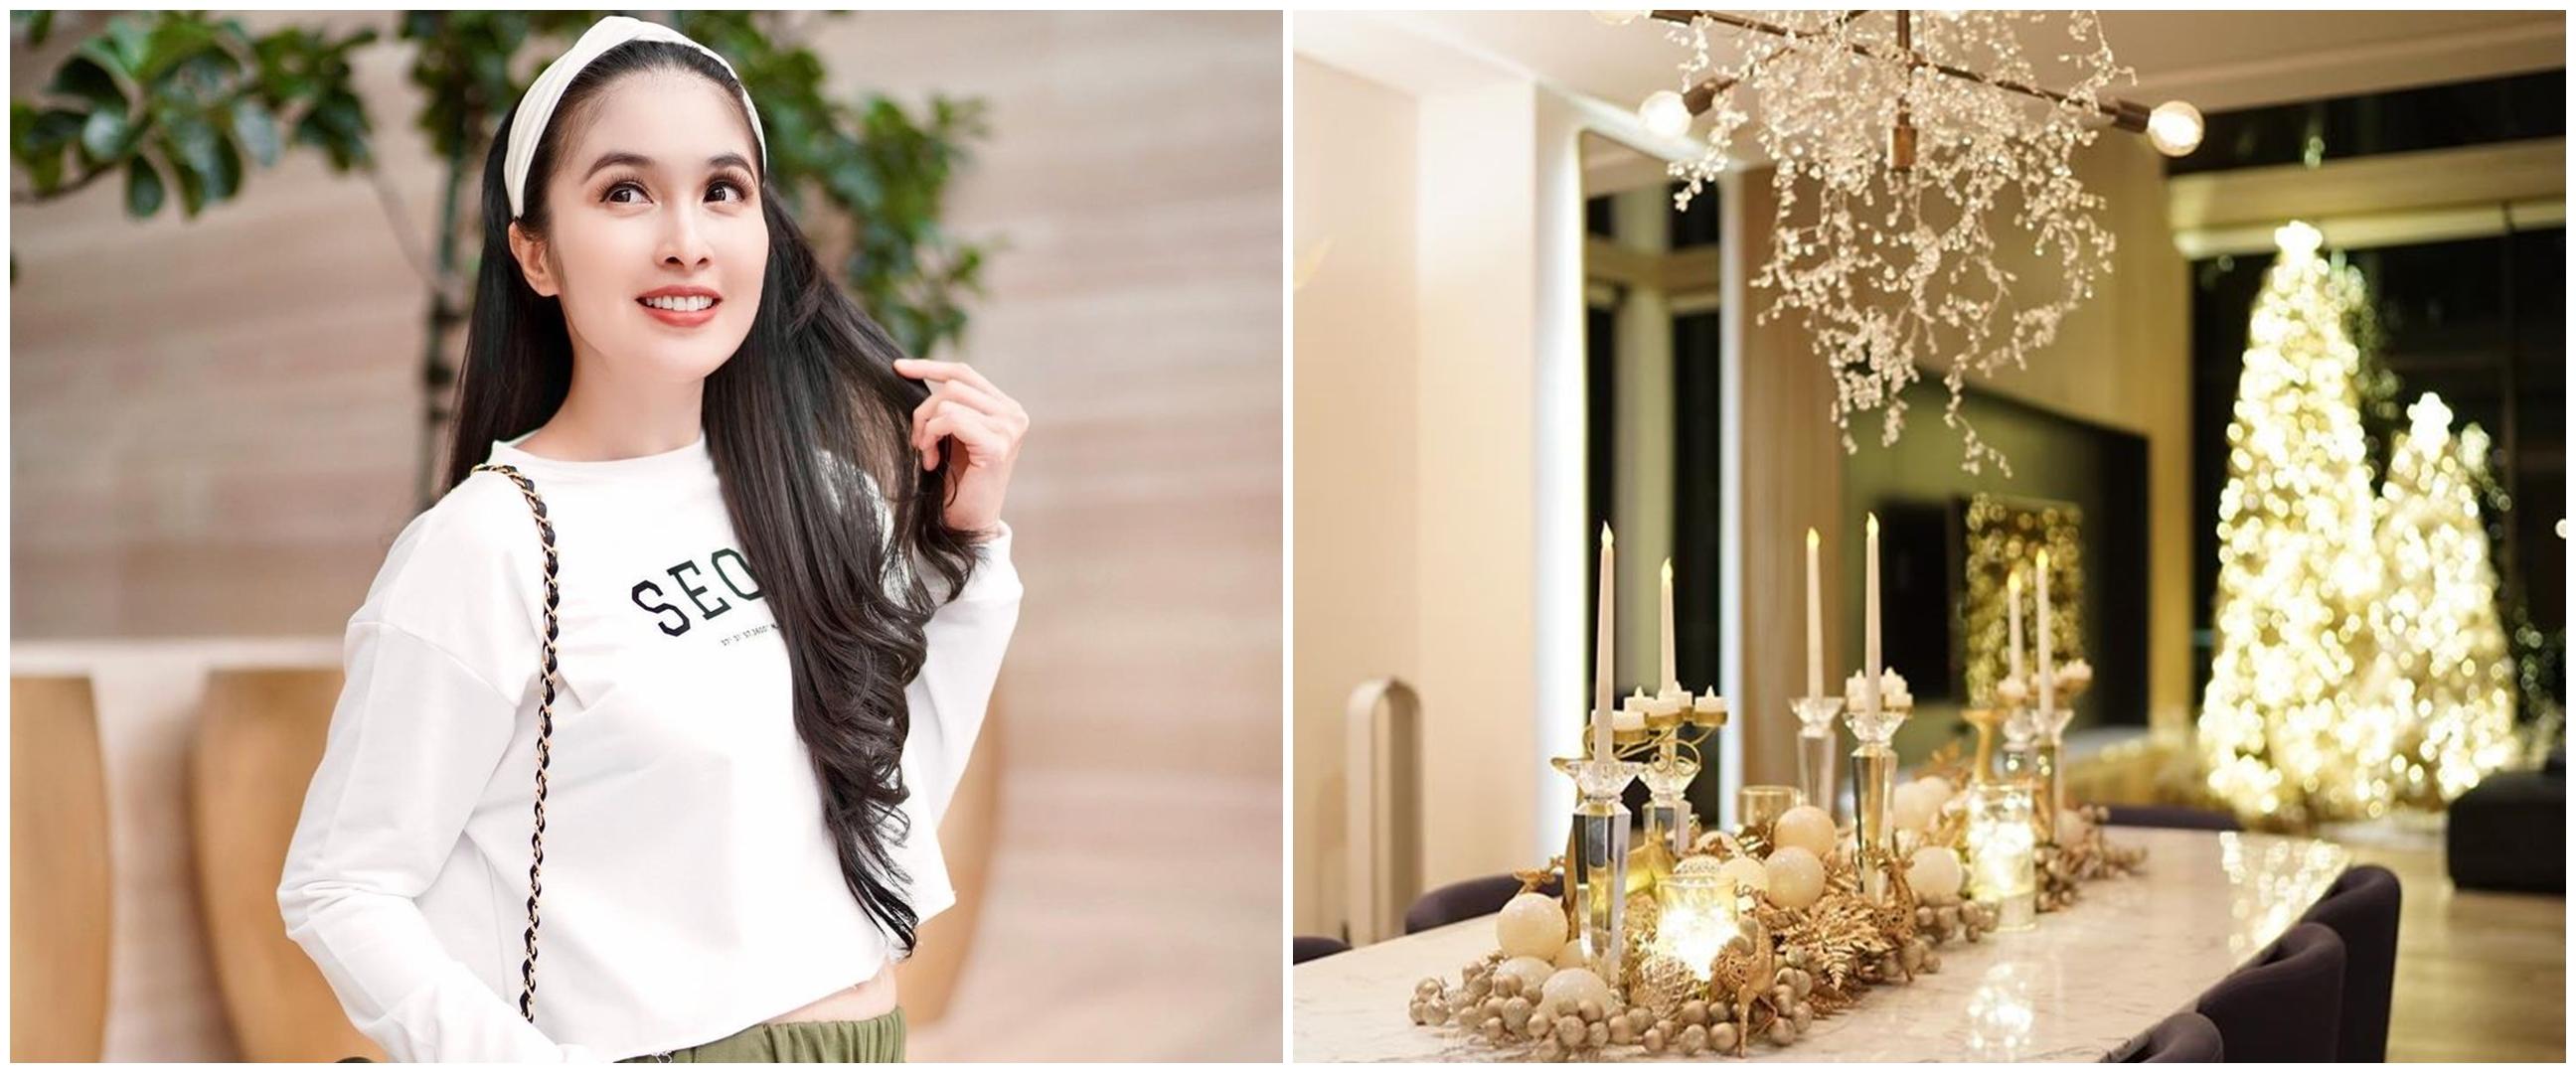 6 Potret dekorasi rumah Sandra Dewi jelang Natal, mewah dan elegan